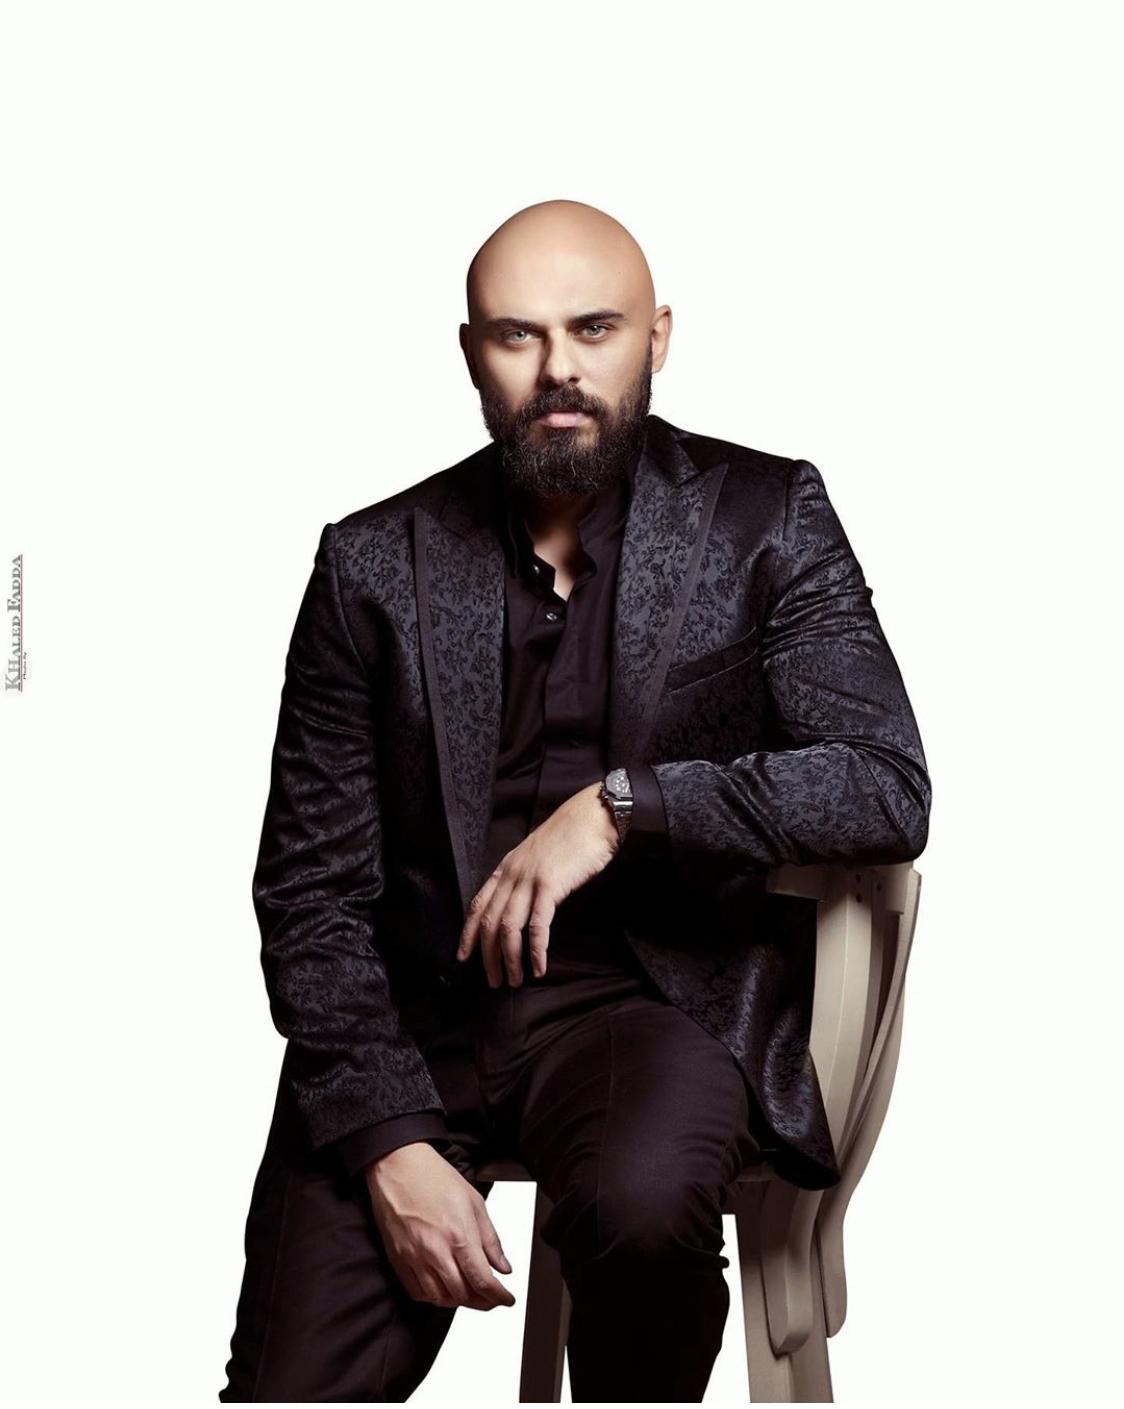 الفنان احمد صلاح حسنى